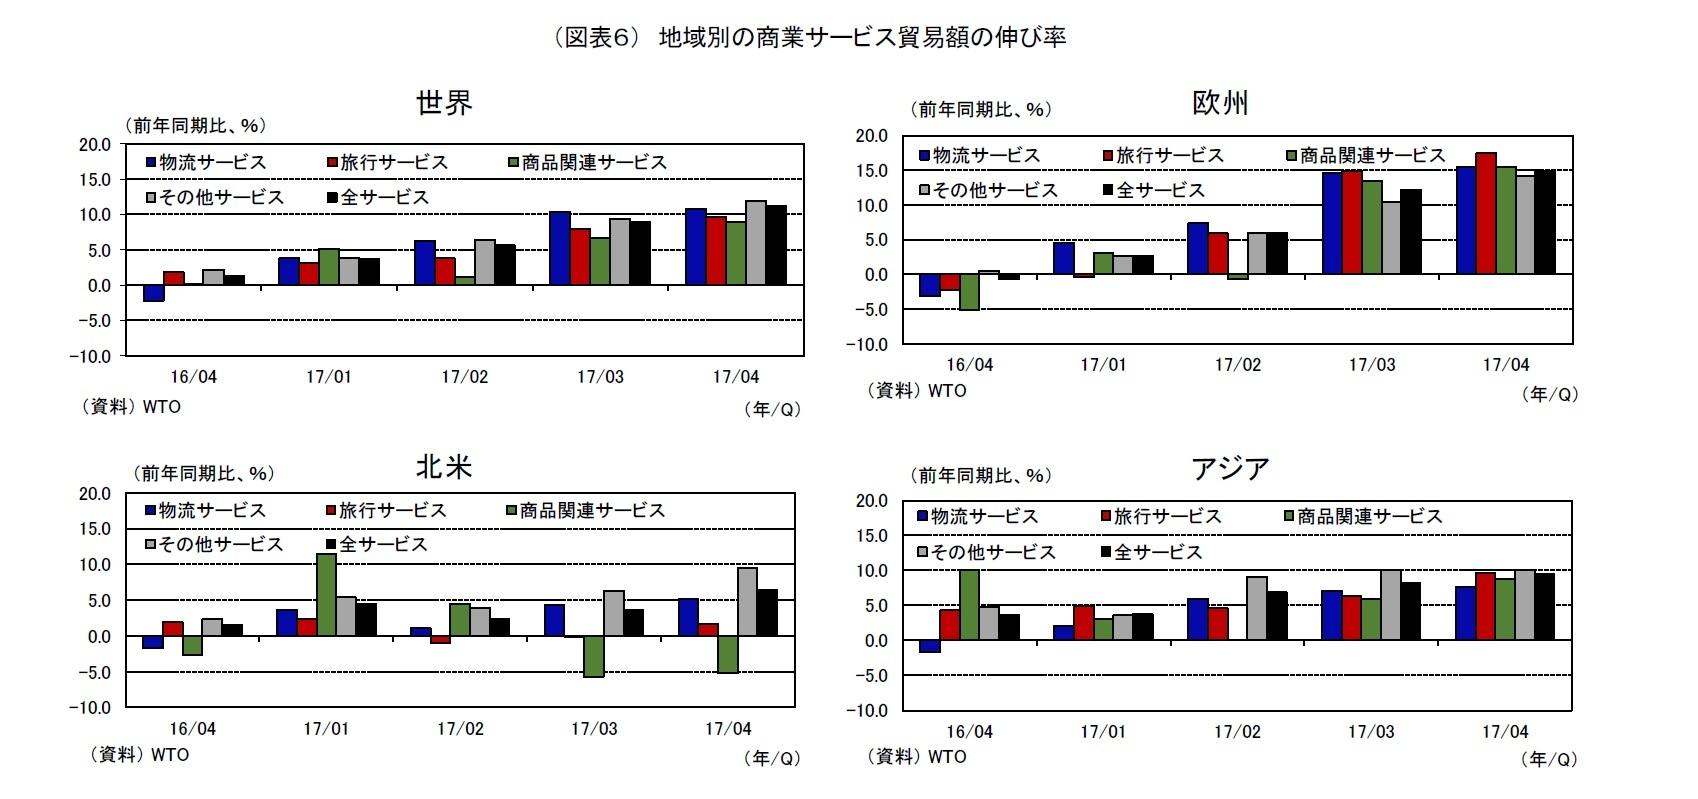 (図表6) 地域別の商業サービス貿易額の伸び率